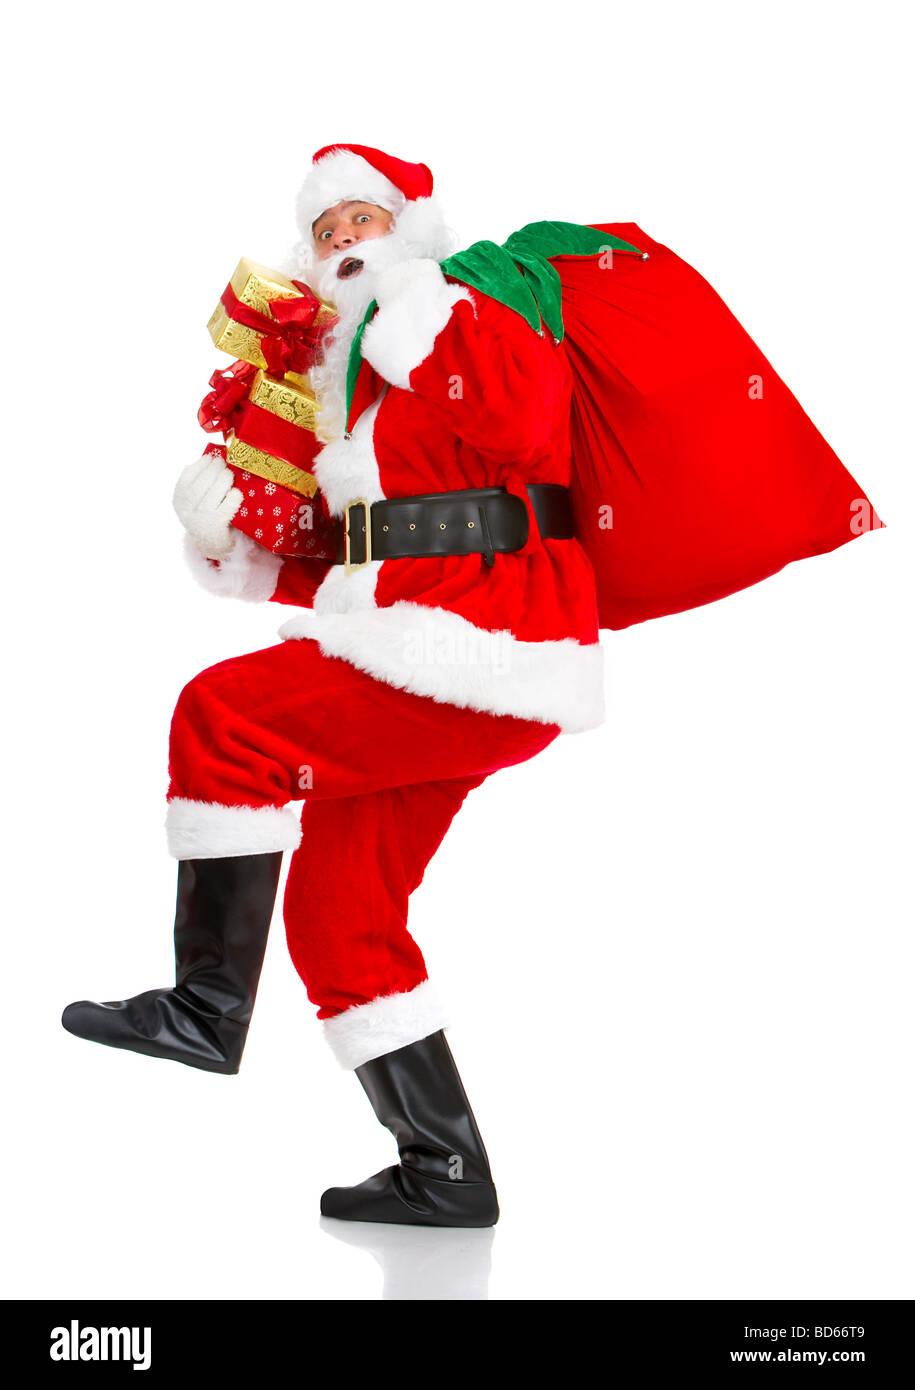 Santa Claus, Weihnachtsmann Stockbild